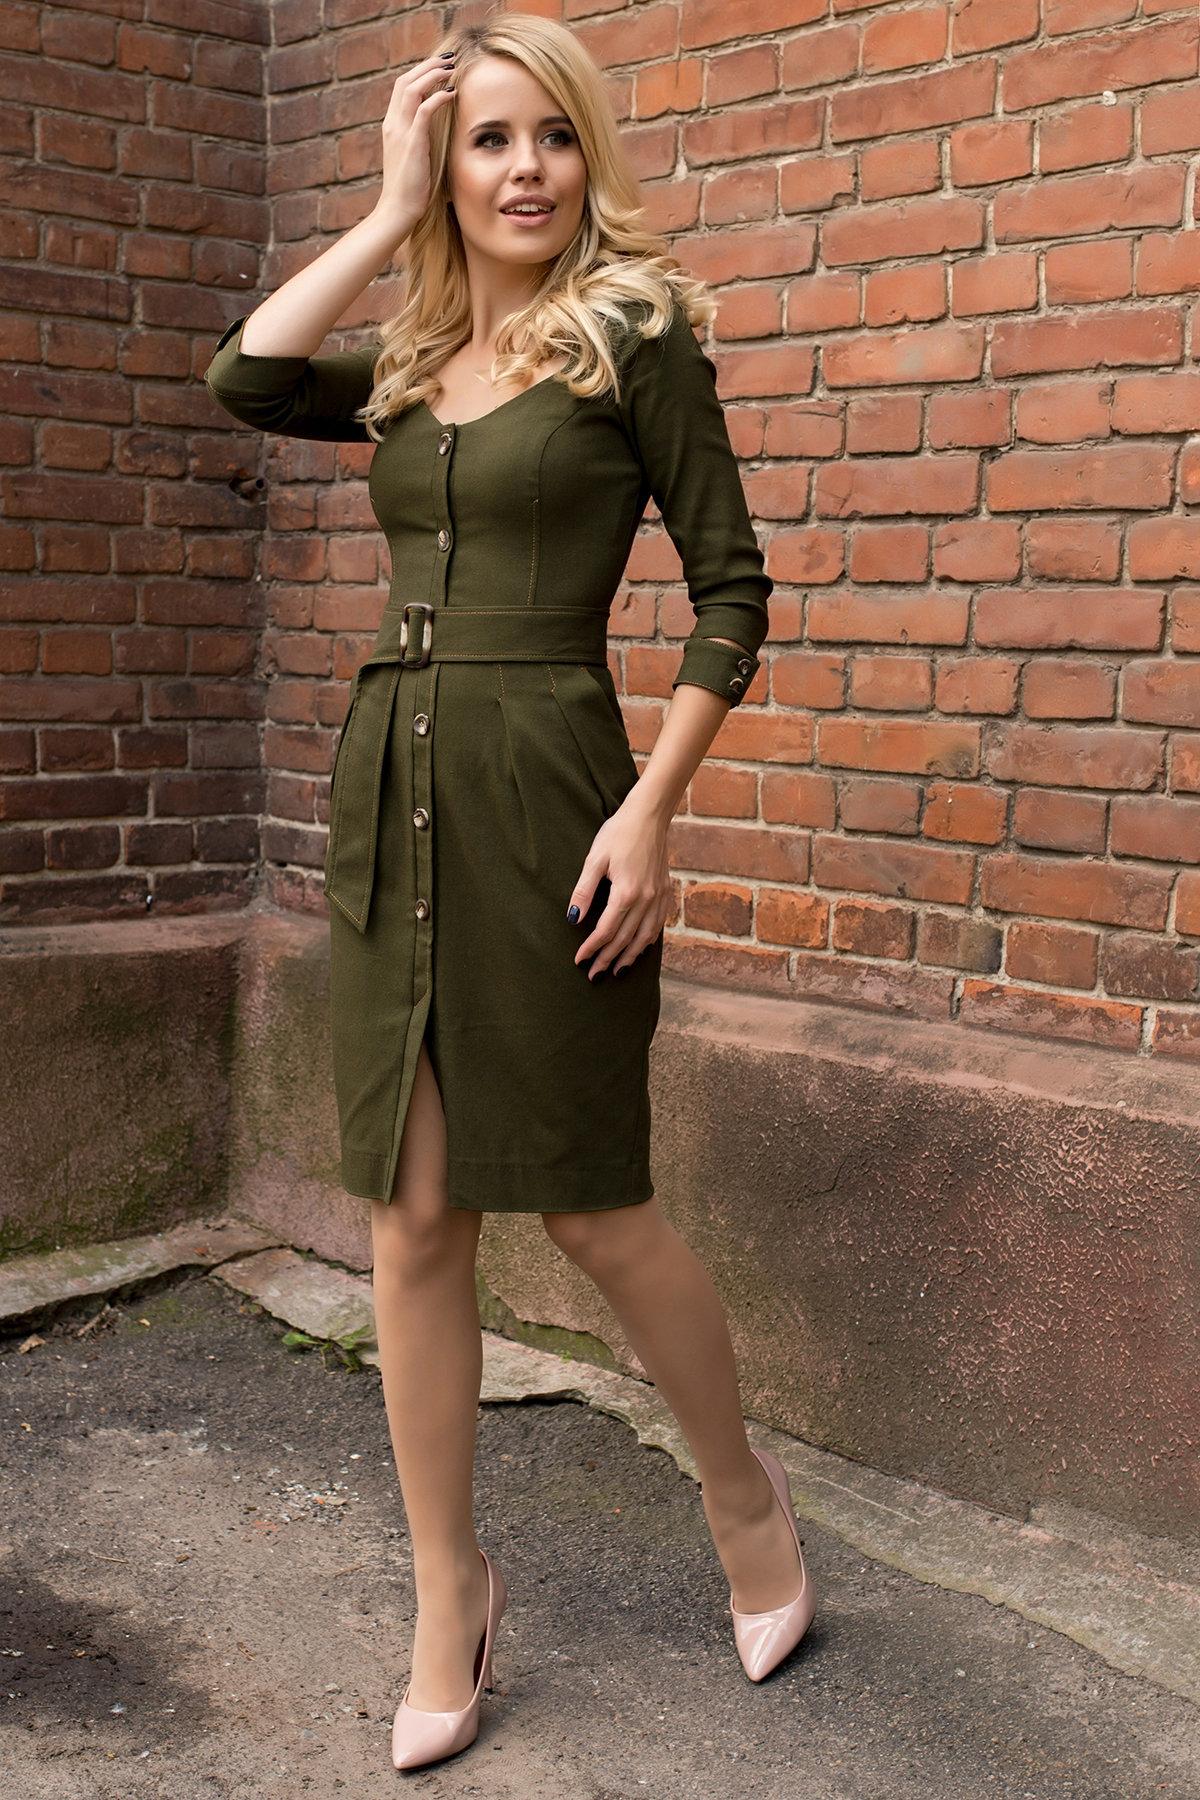 Платье-футляр Марсель 7656 АРТ. 43747 Цвет: Хаки - фото 1, интернет магазин tm-modus.ru